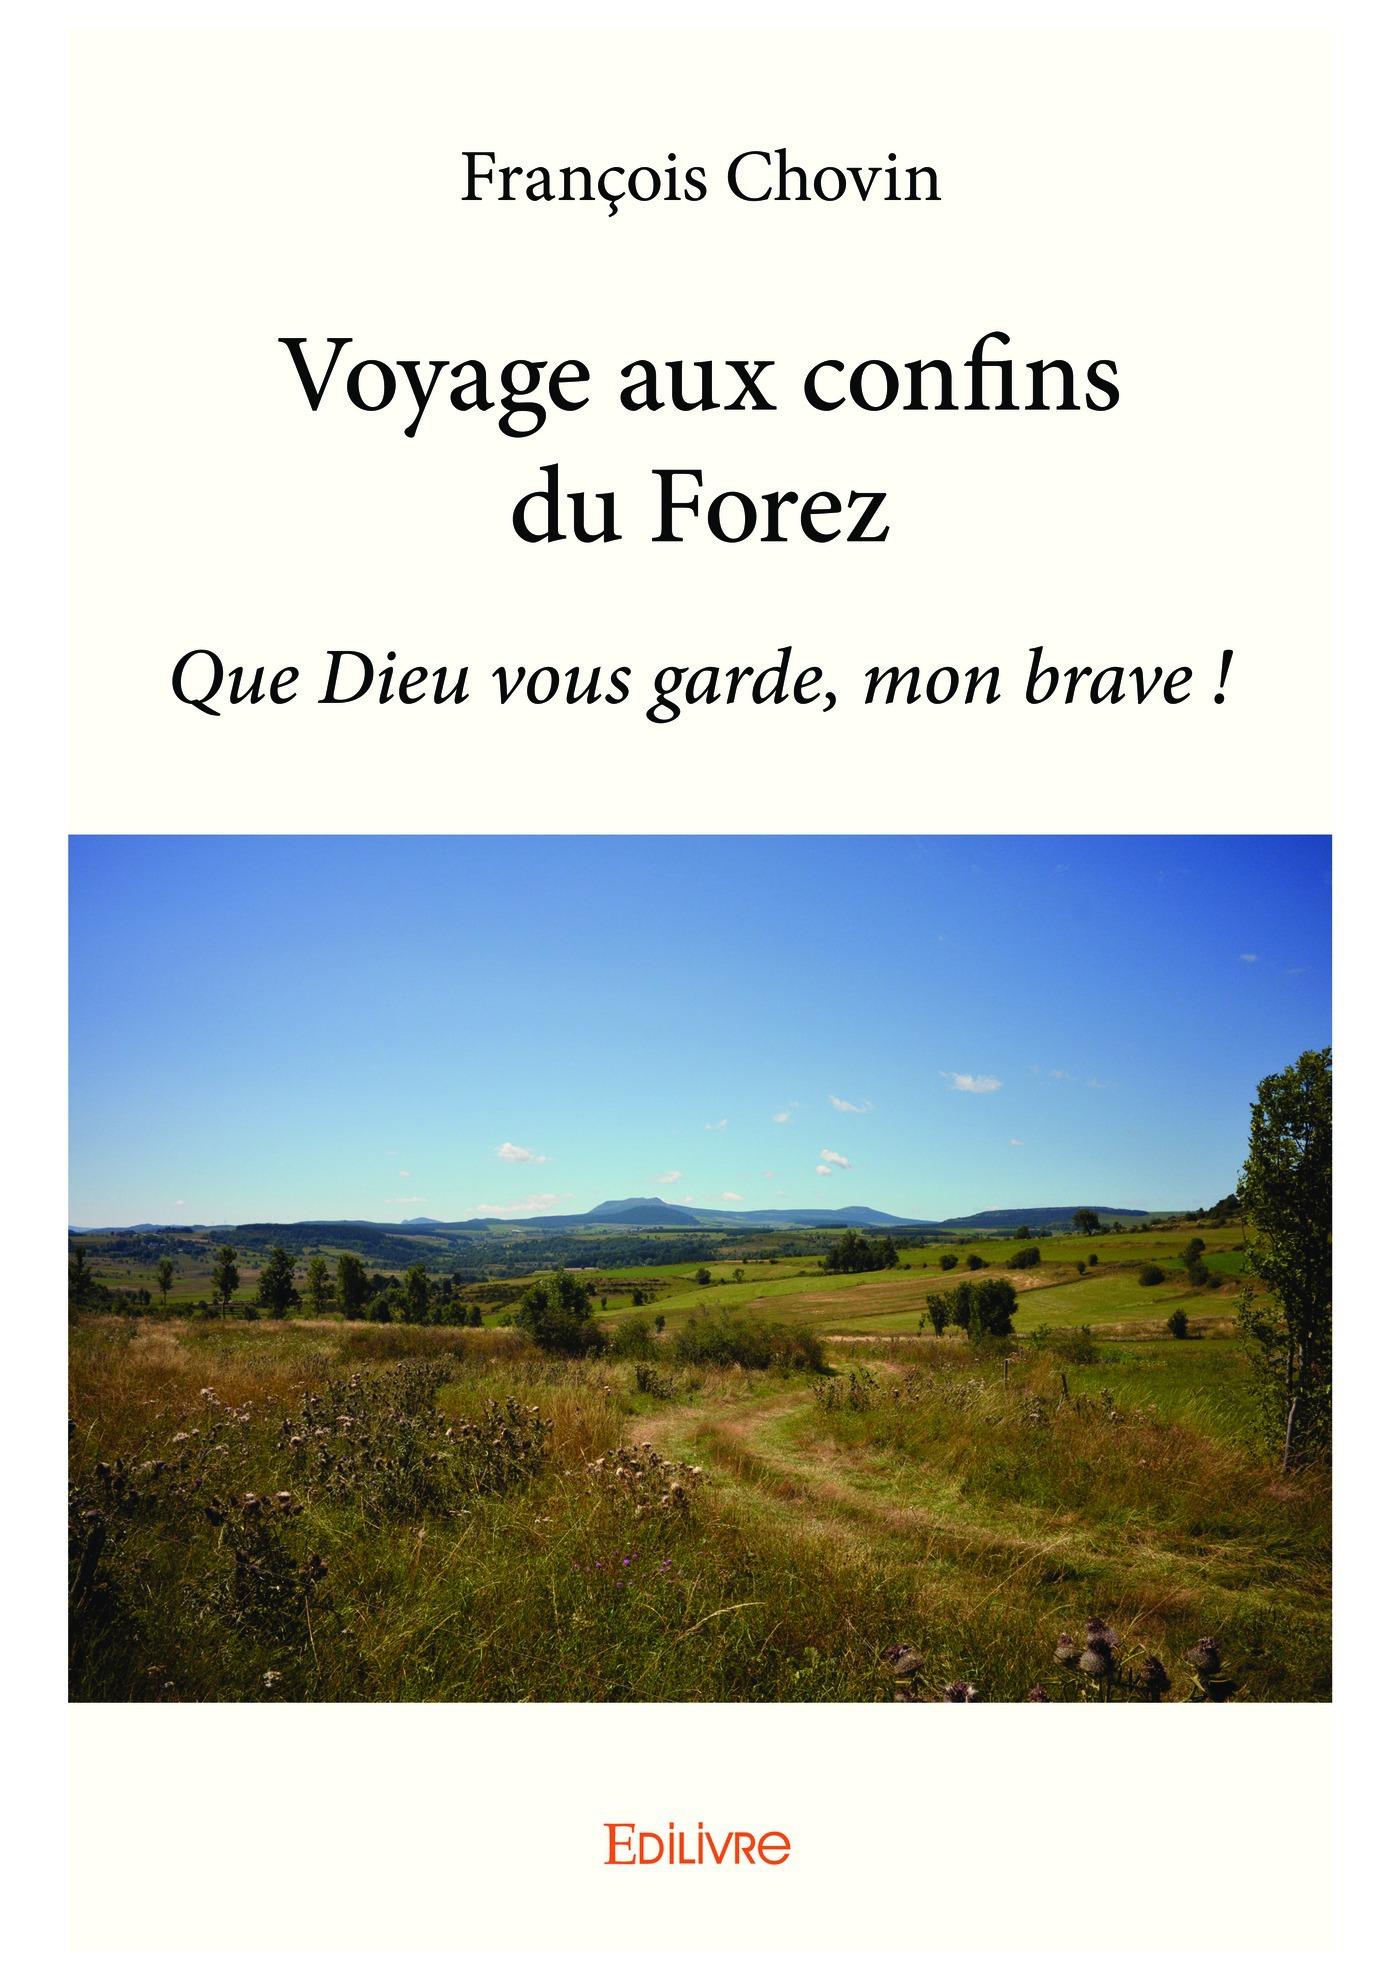 Voyage aux confins du forez